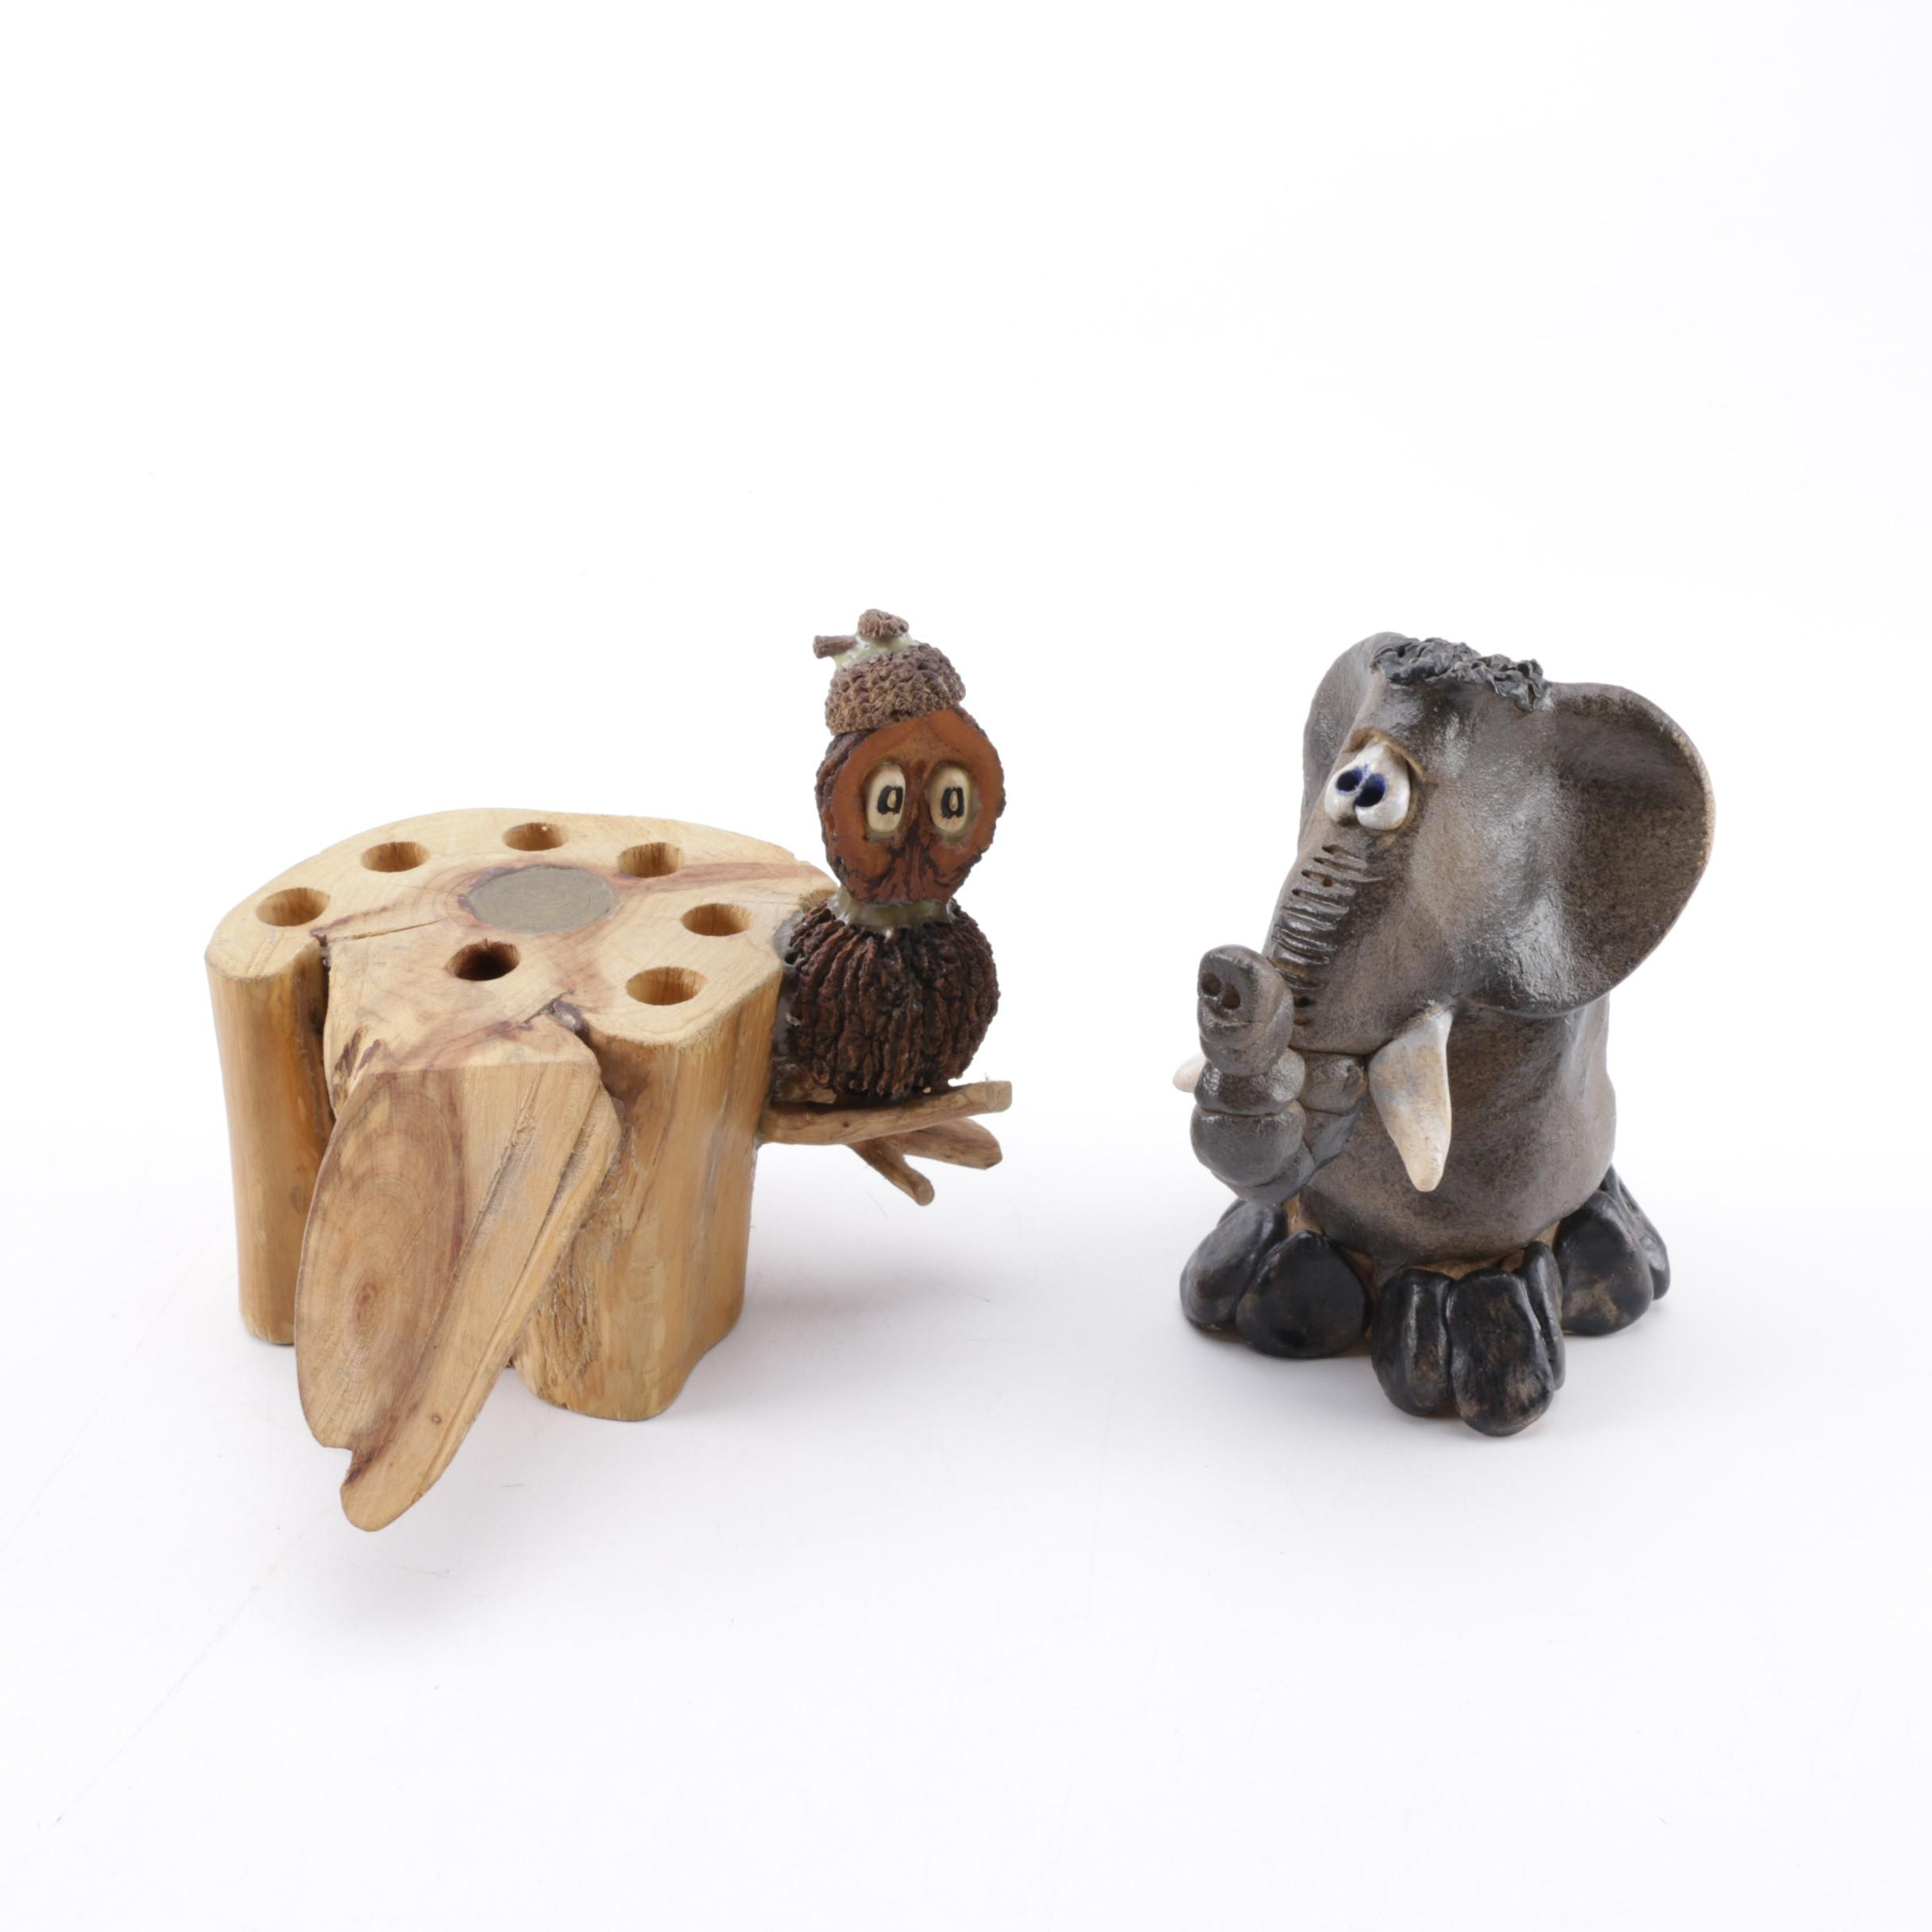 Vintage Shep Pottery Elephant and Owl Figurines